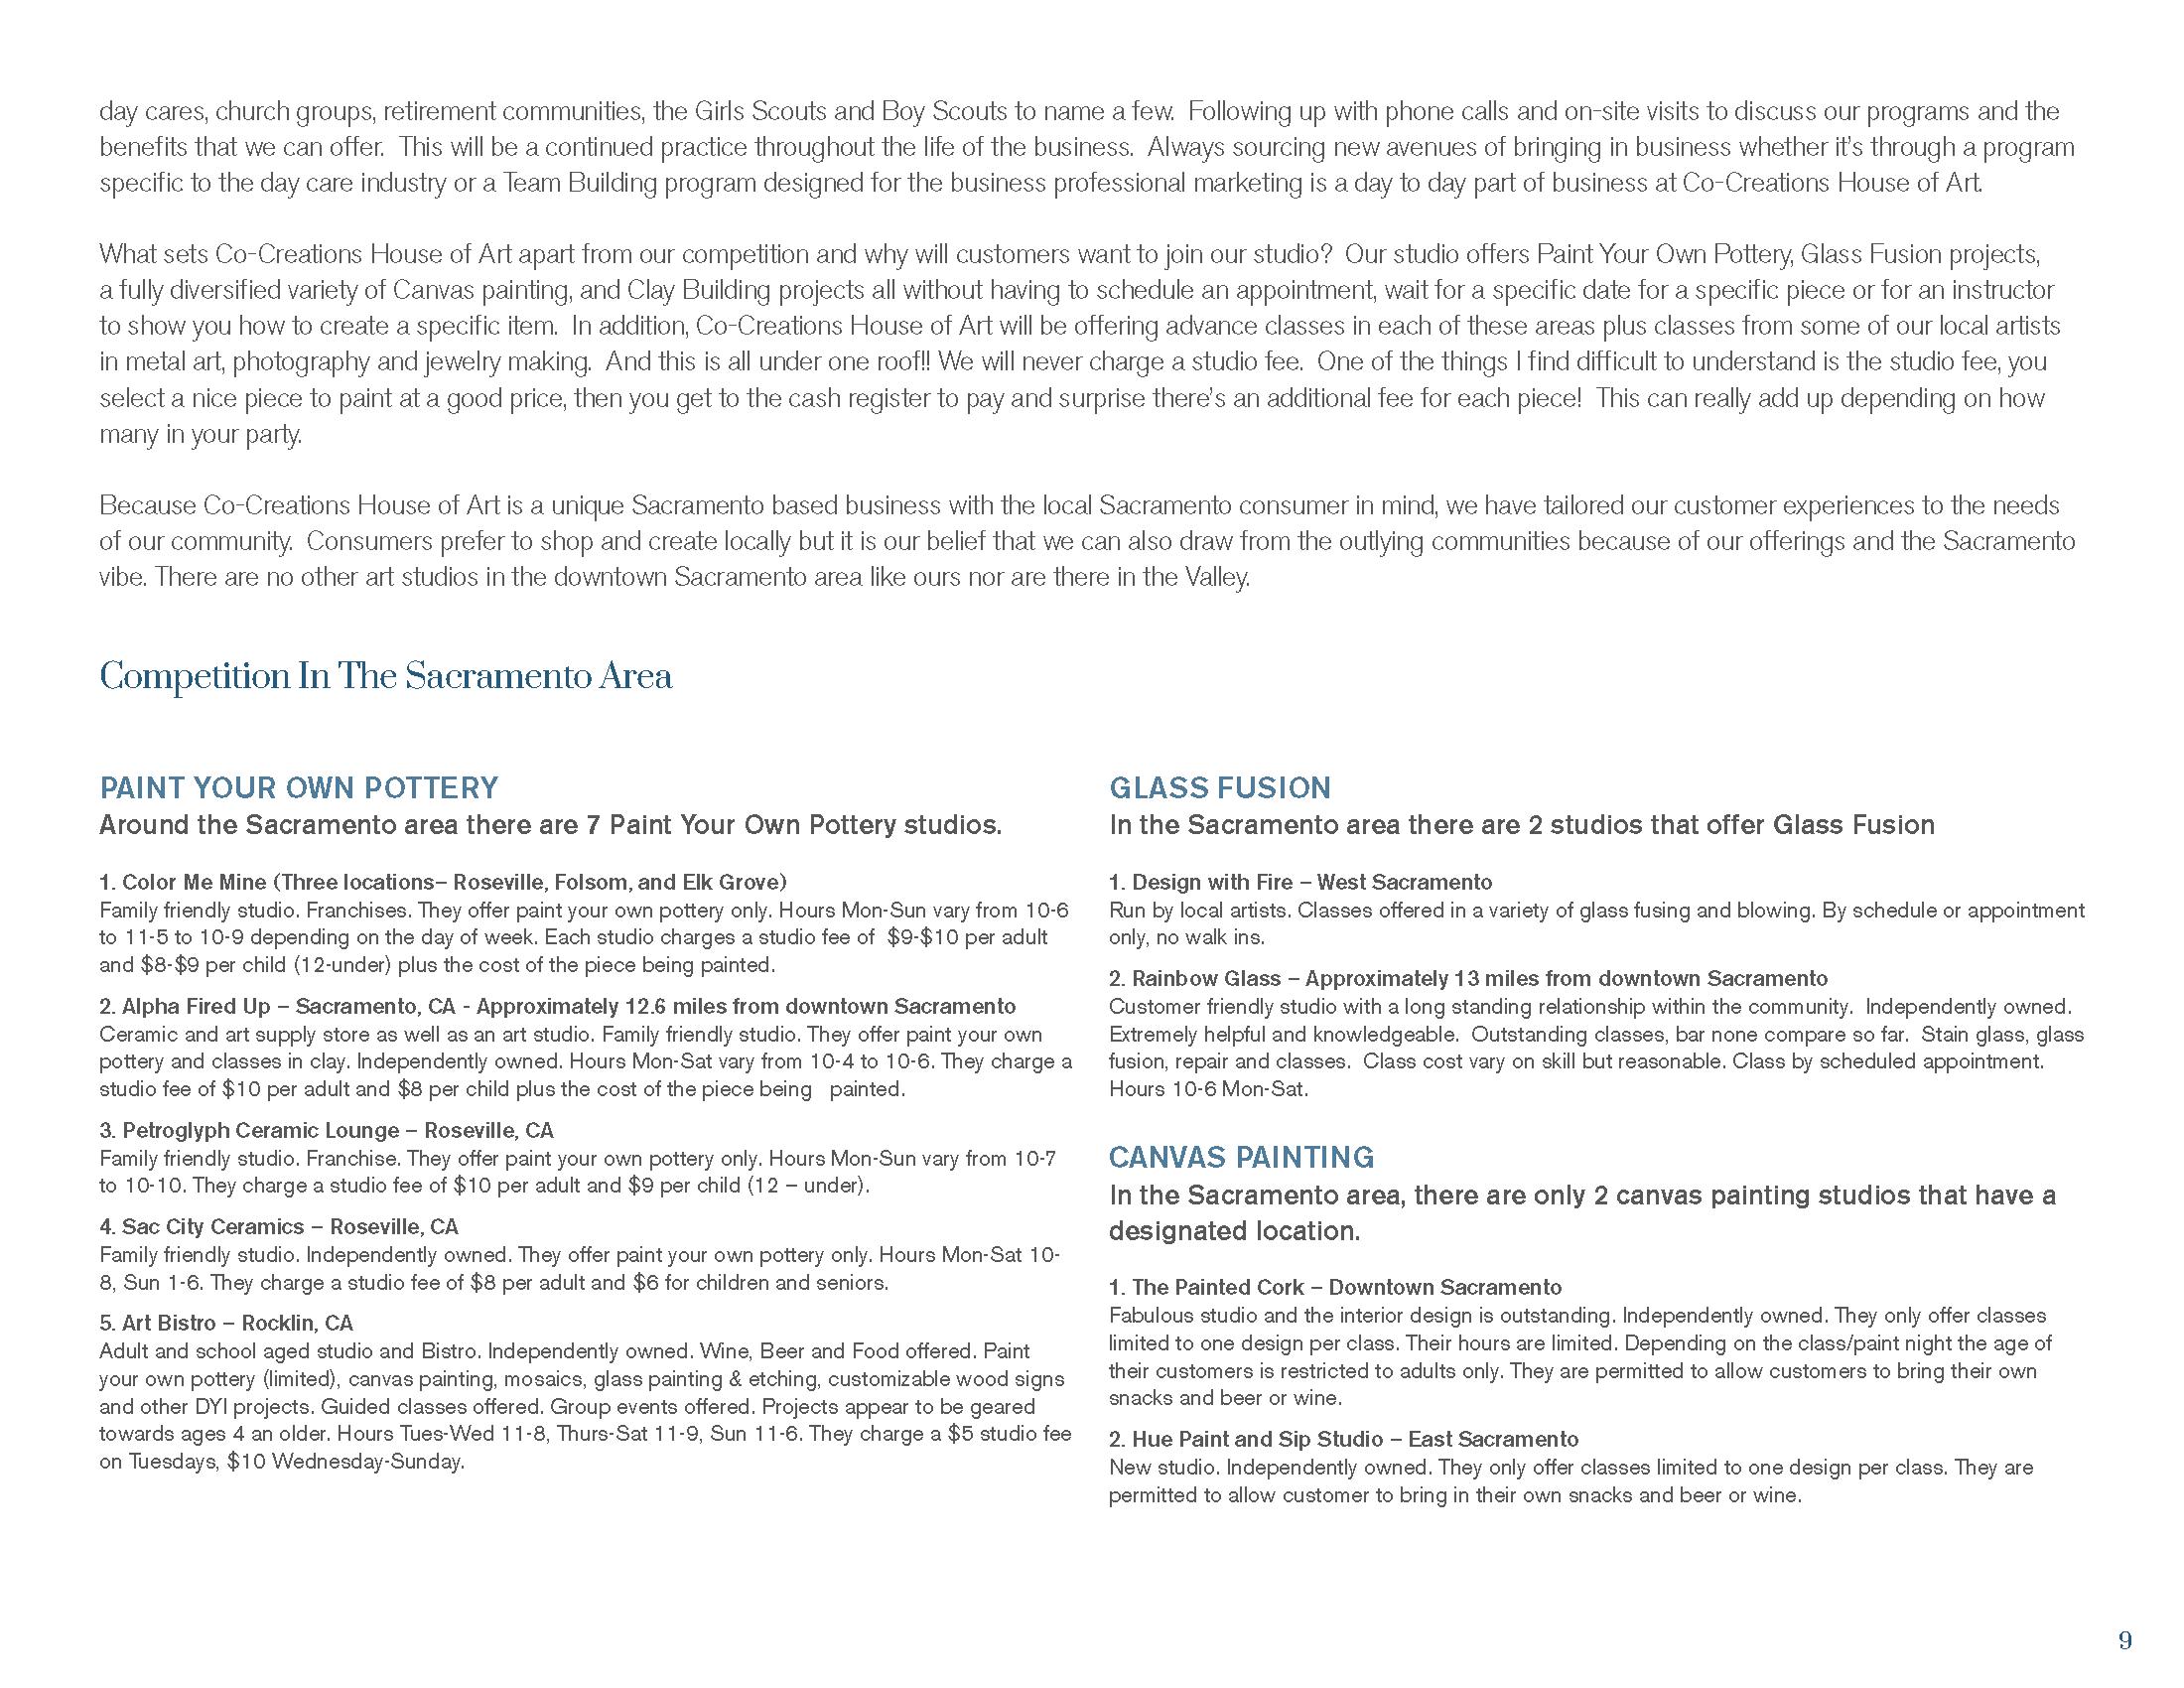 JR_Business Plan_v3_Page_09.png